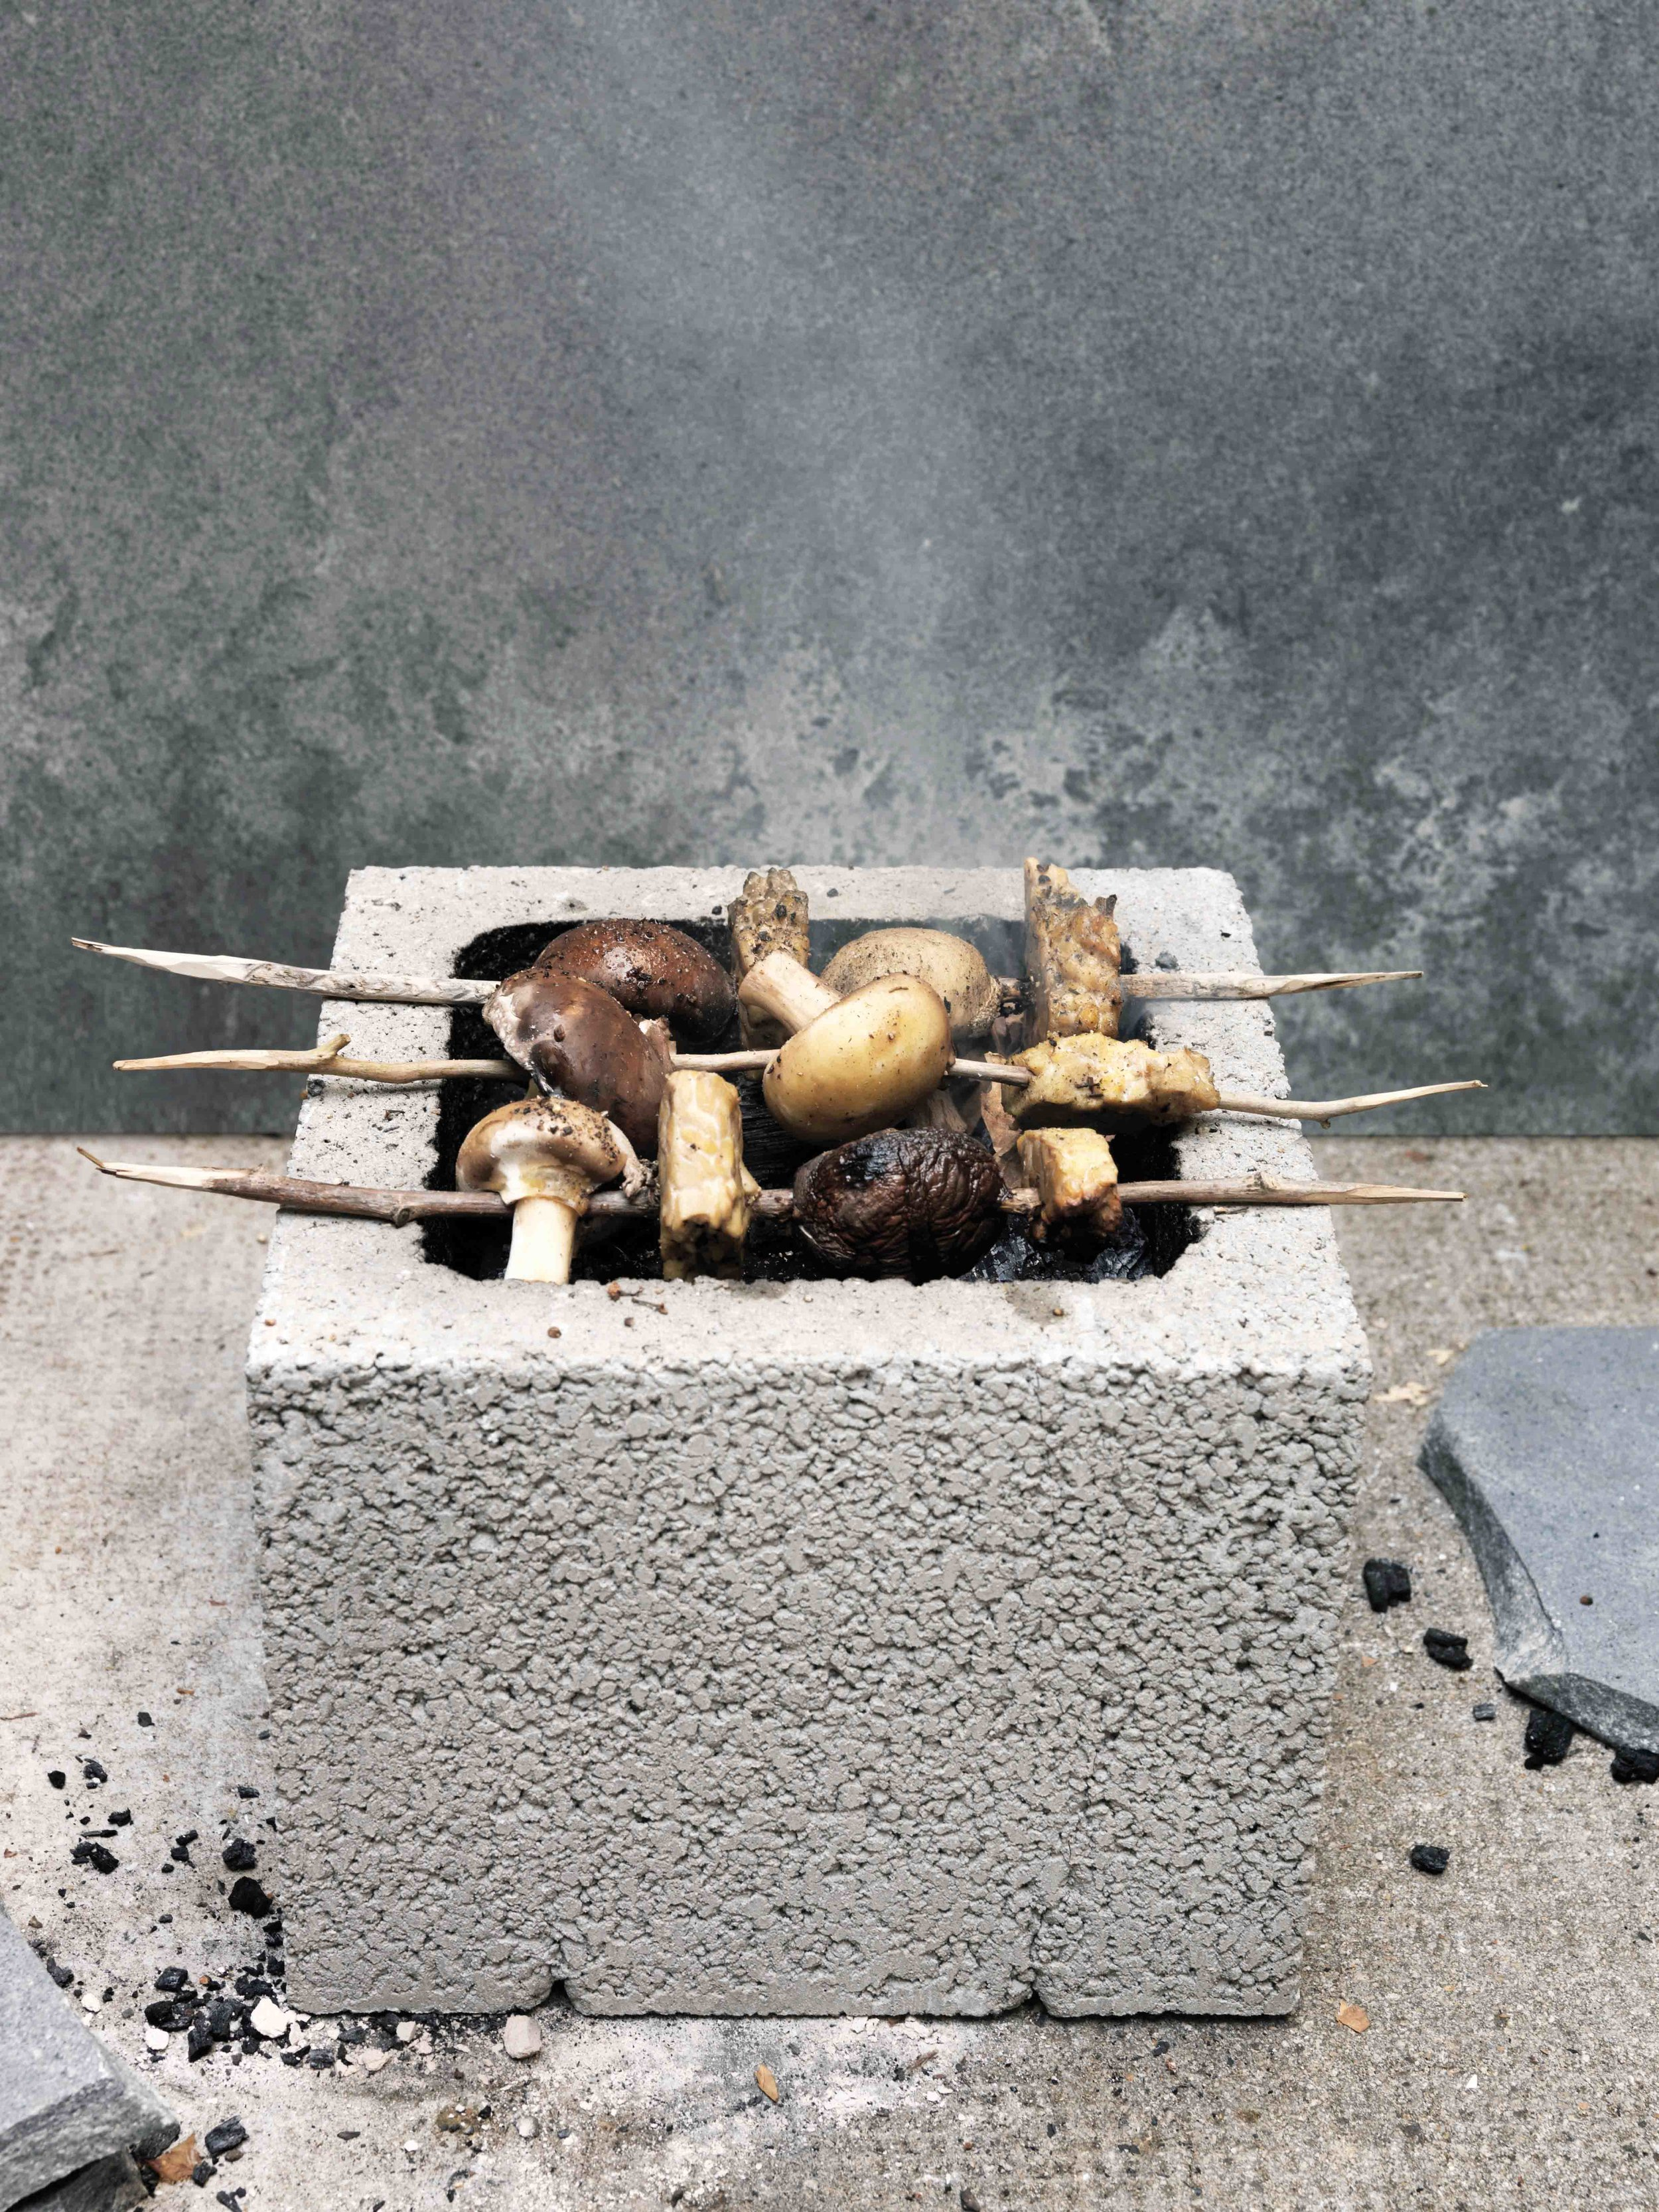 Kitchen trends for 2019 - Li Edelkoort for Caesarstone